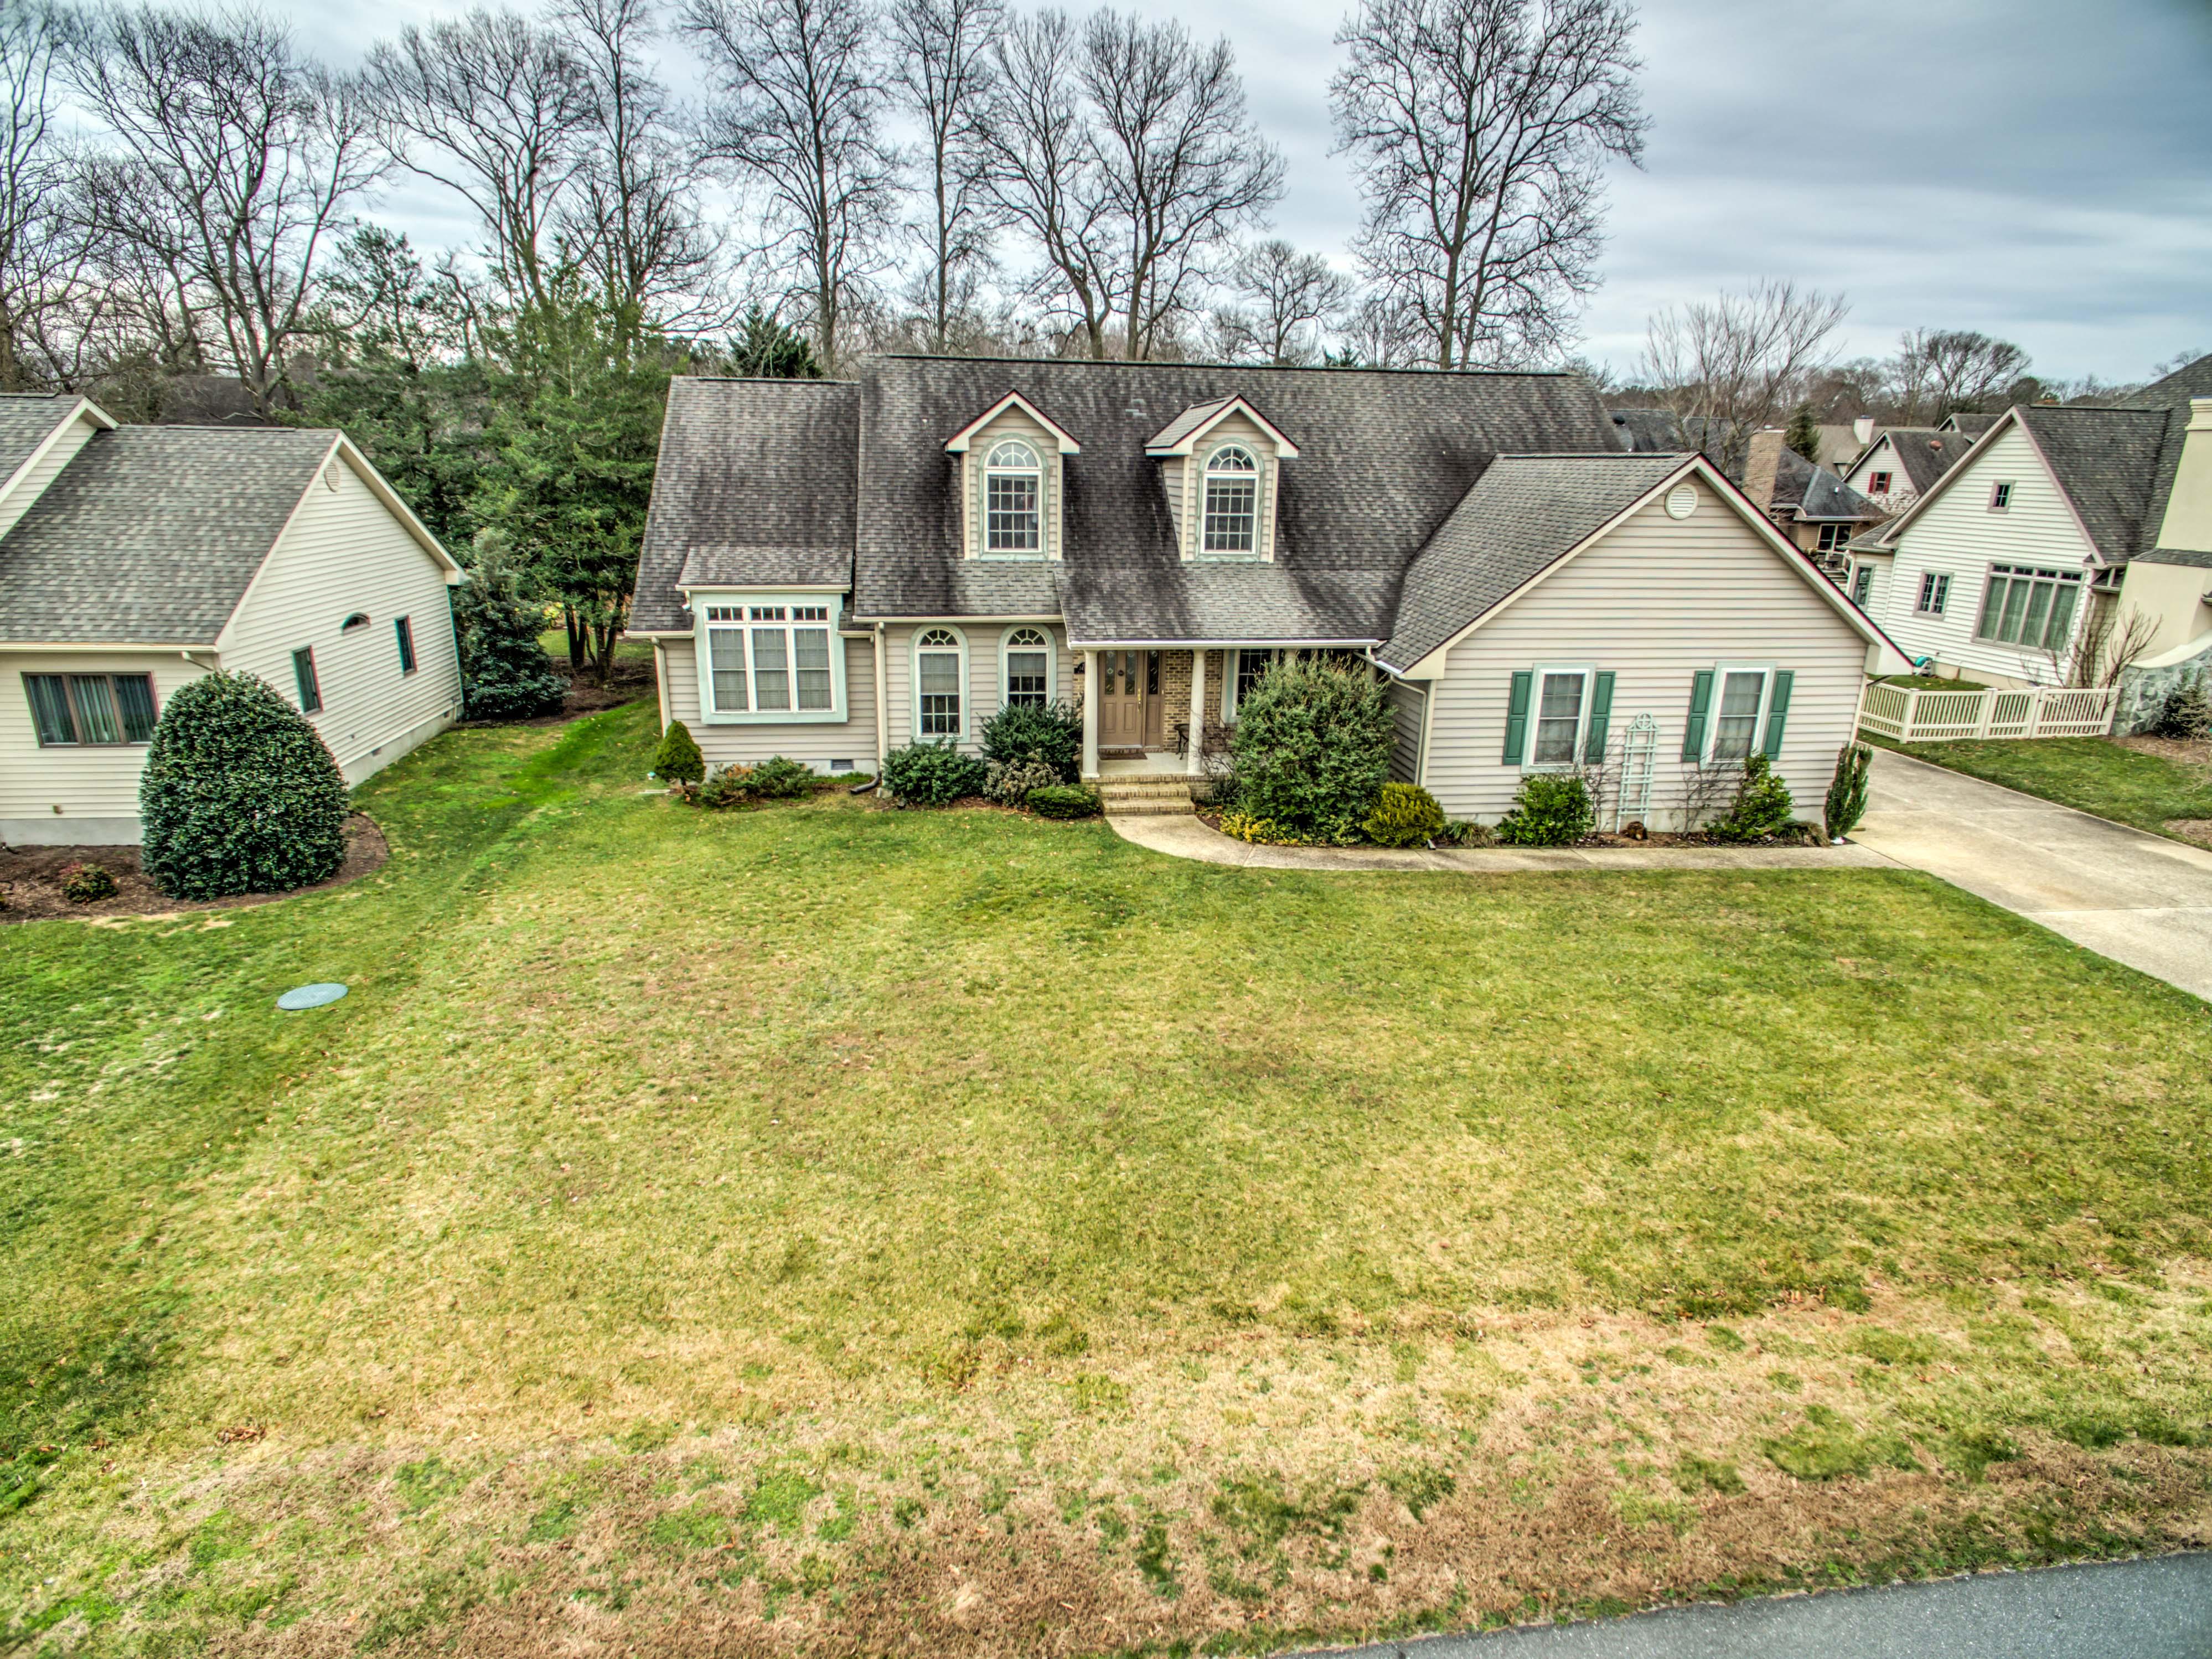 独户住宅 为 销售 在 34524 Quail Lane , Dagsboro, DE 19939 34524 Quail Lane 达格斯伯勒, 19939 美国